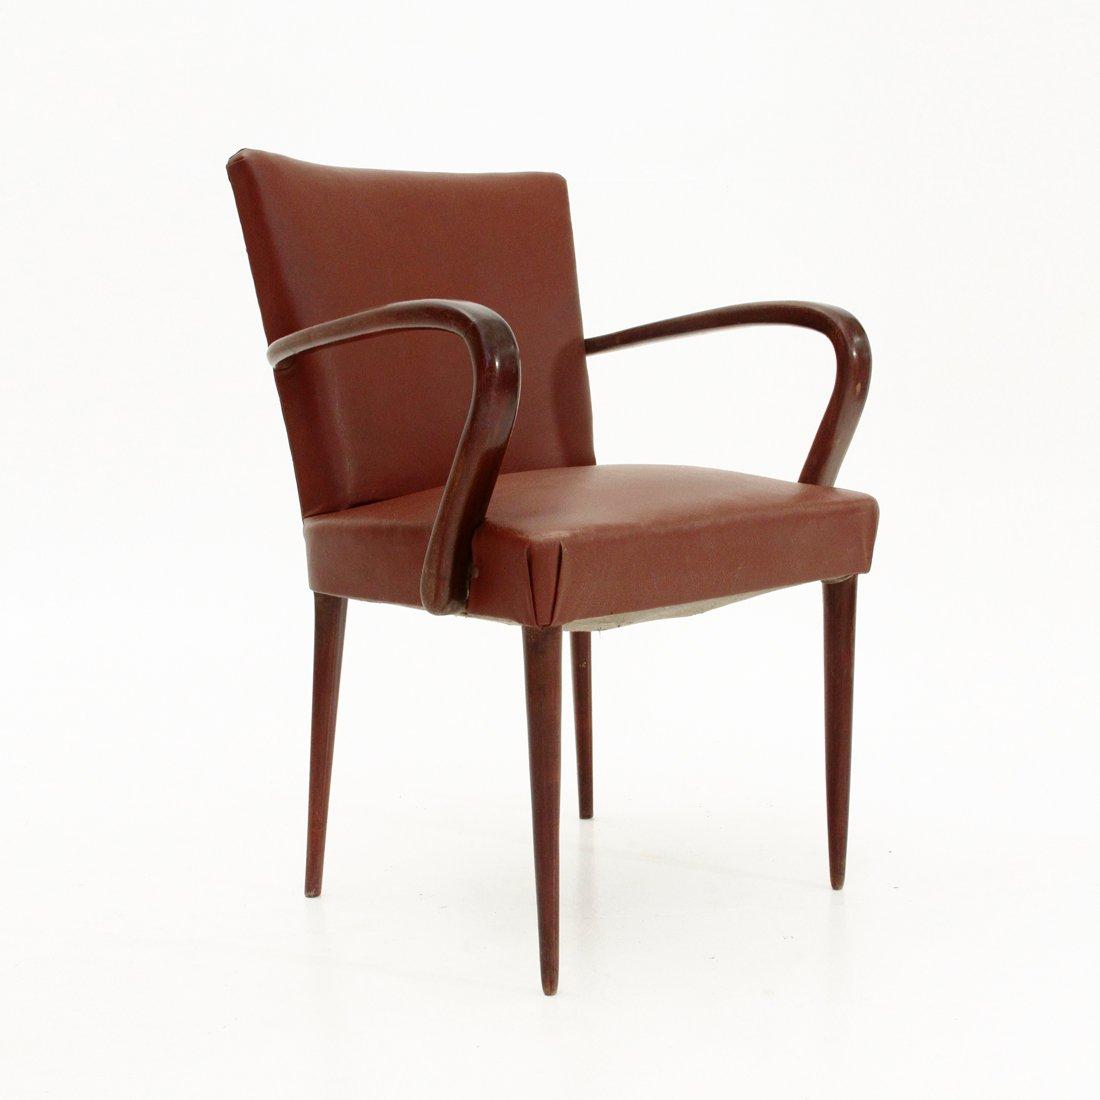 italienischer art deco armlehnstuhl 1930er bei pamono kaufen. Black Bedroom Furniture Sets. Home Design Ideas